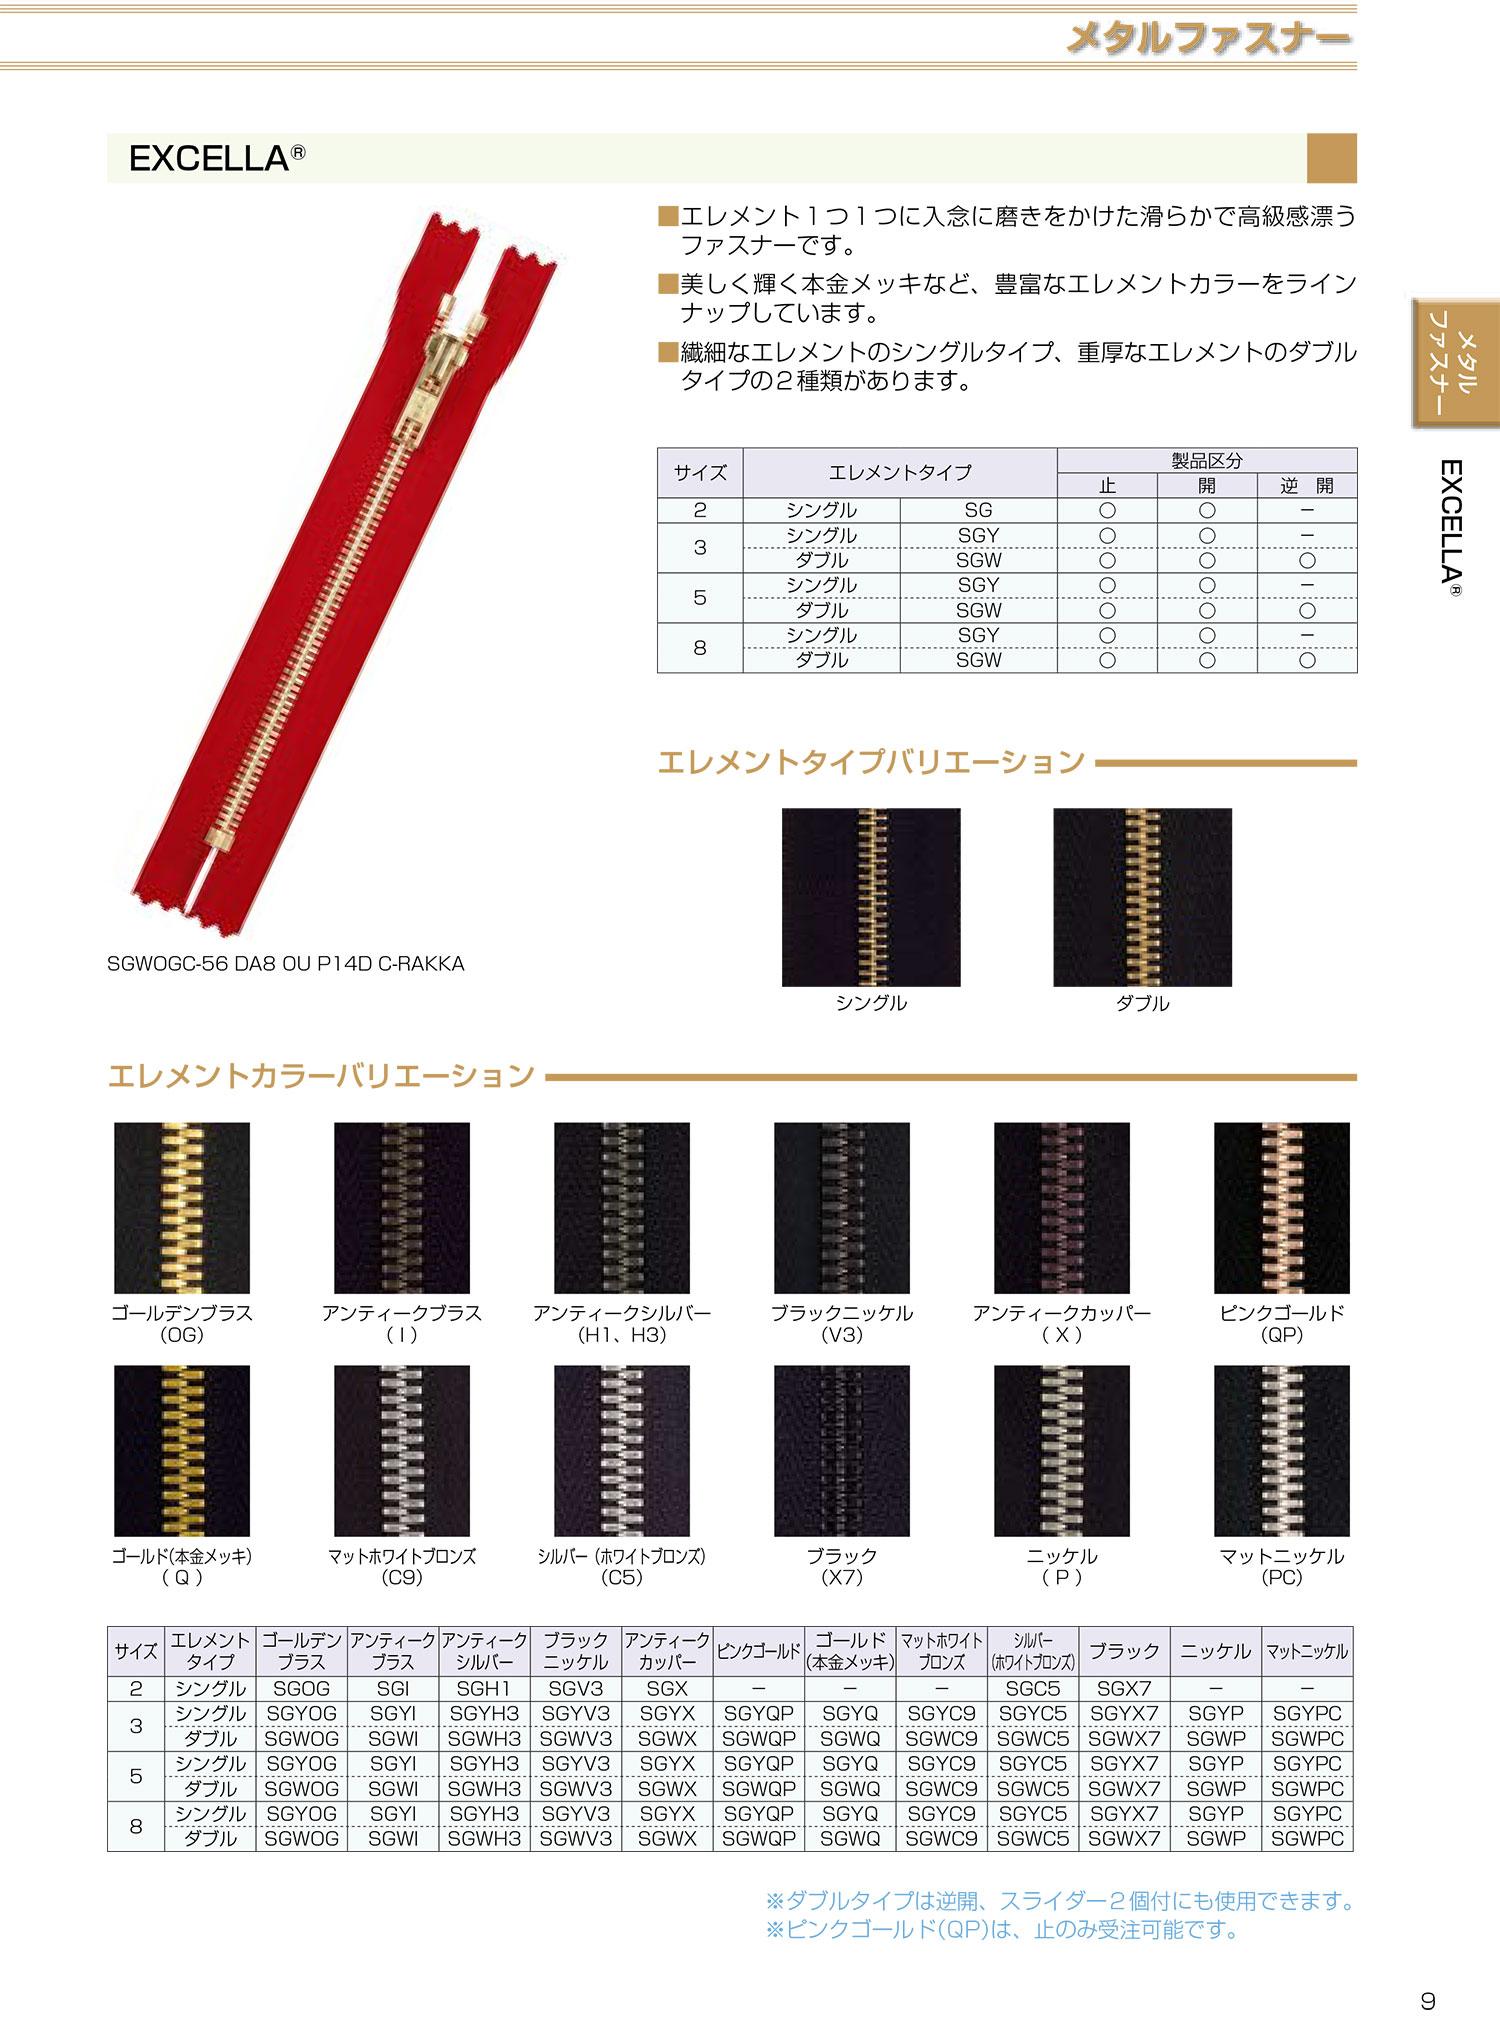 8SGYC5OR エクセラ 8サイズ シルバー(ホワイトブロンズ) オープン シングル[ファスナー] YKK/オークラ商事 - ApparelX アパレル資材卸通販